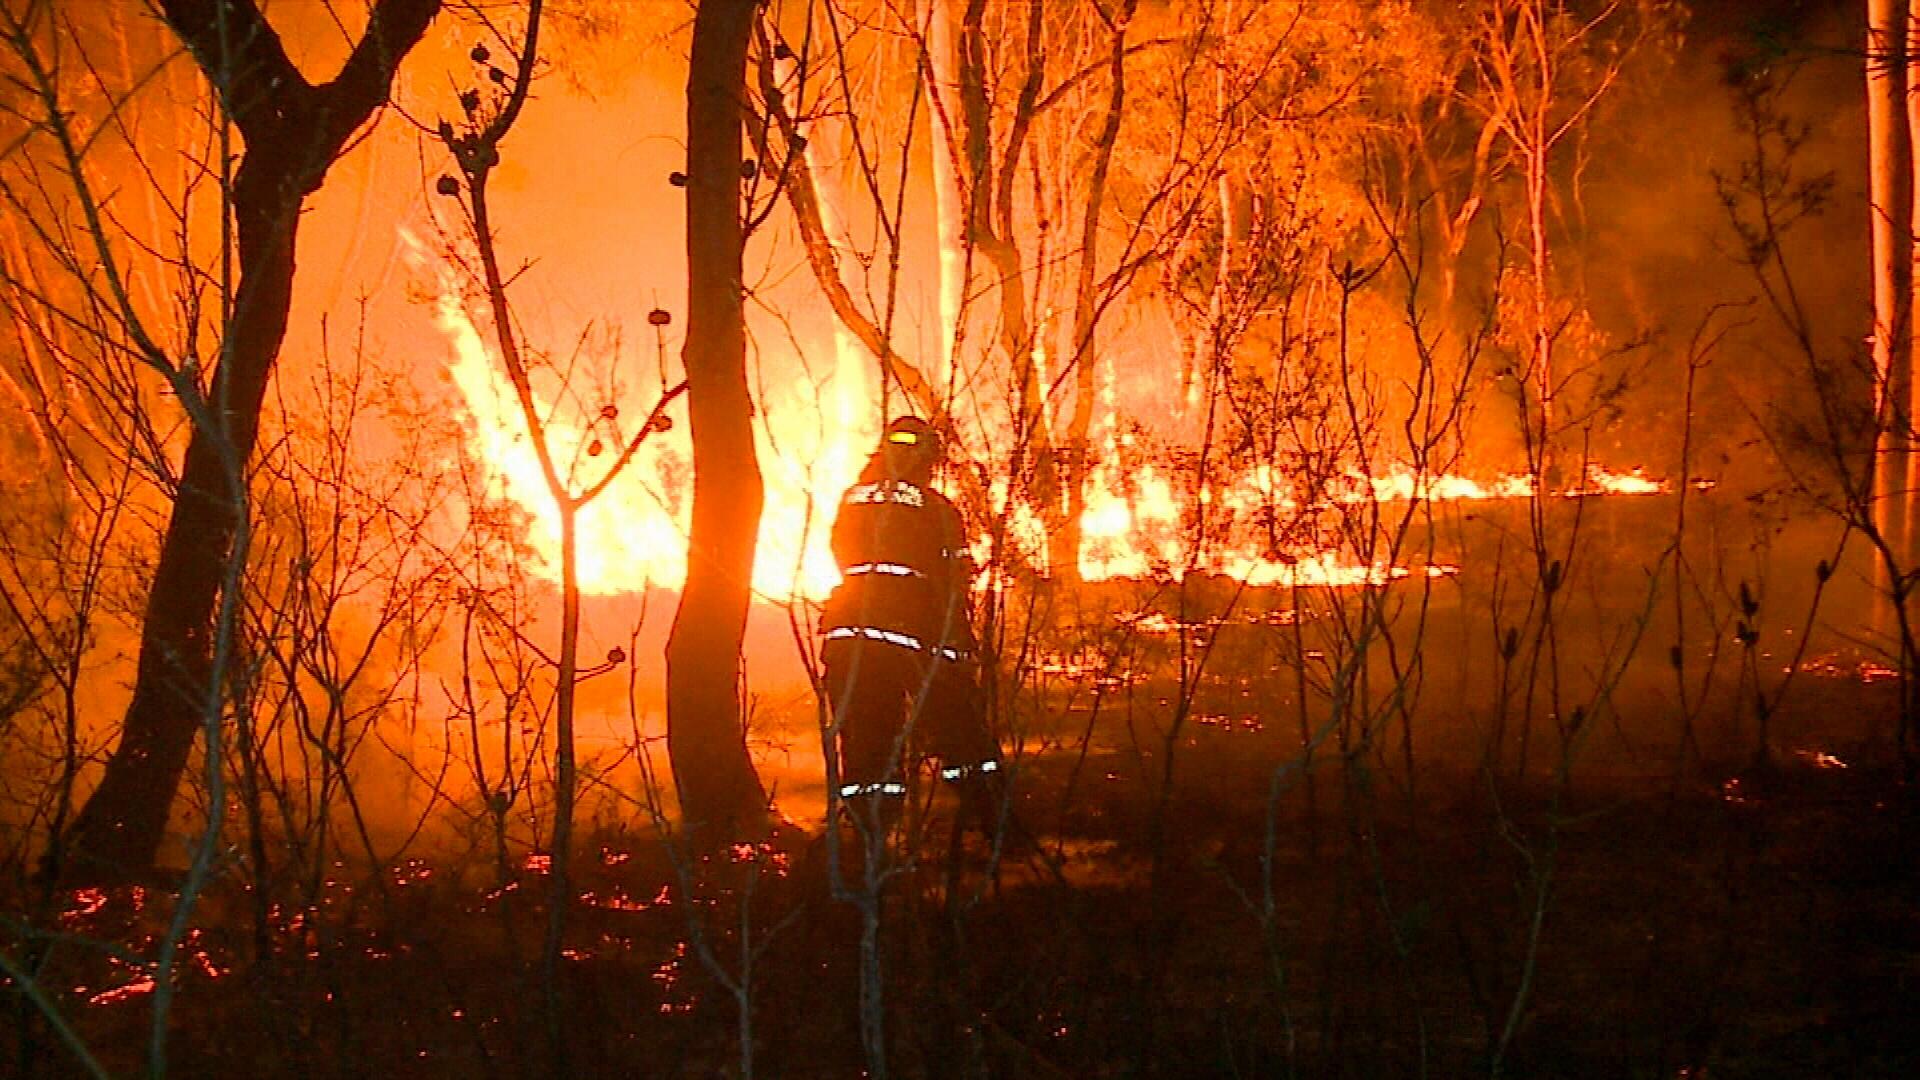 Bushfires threatening Sydney